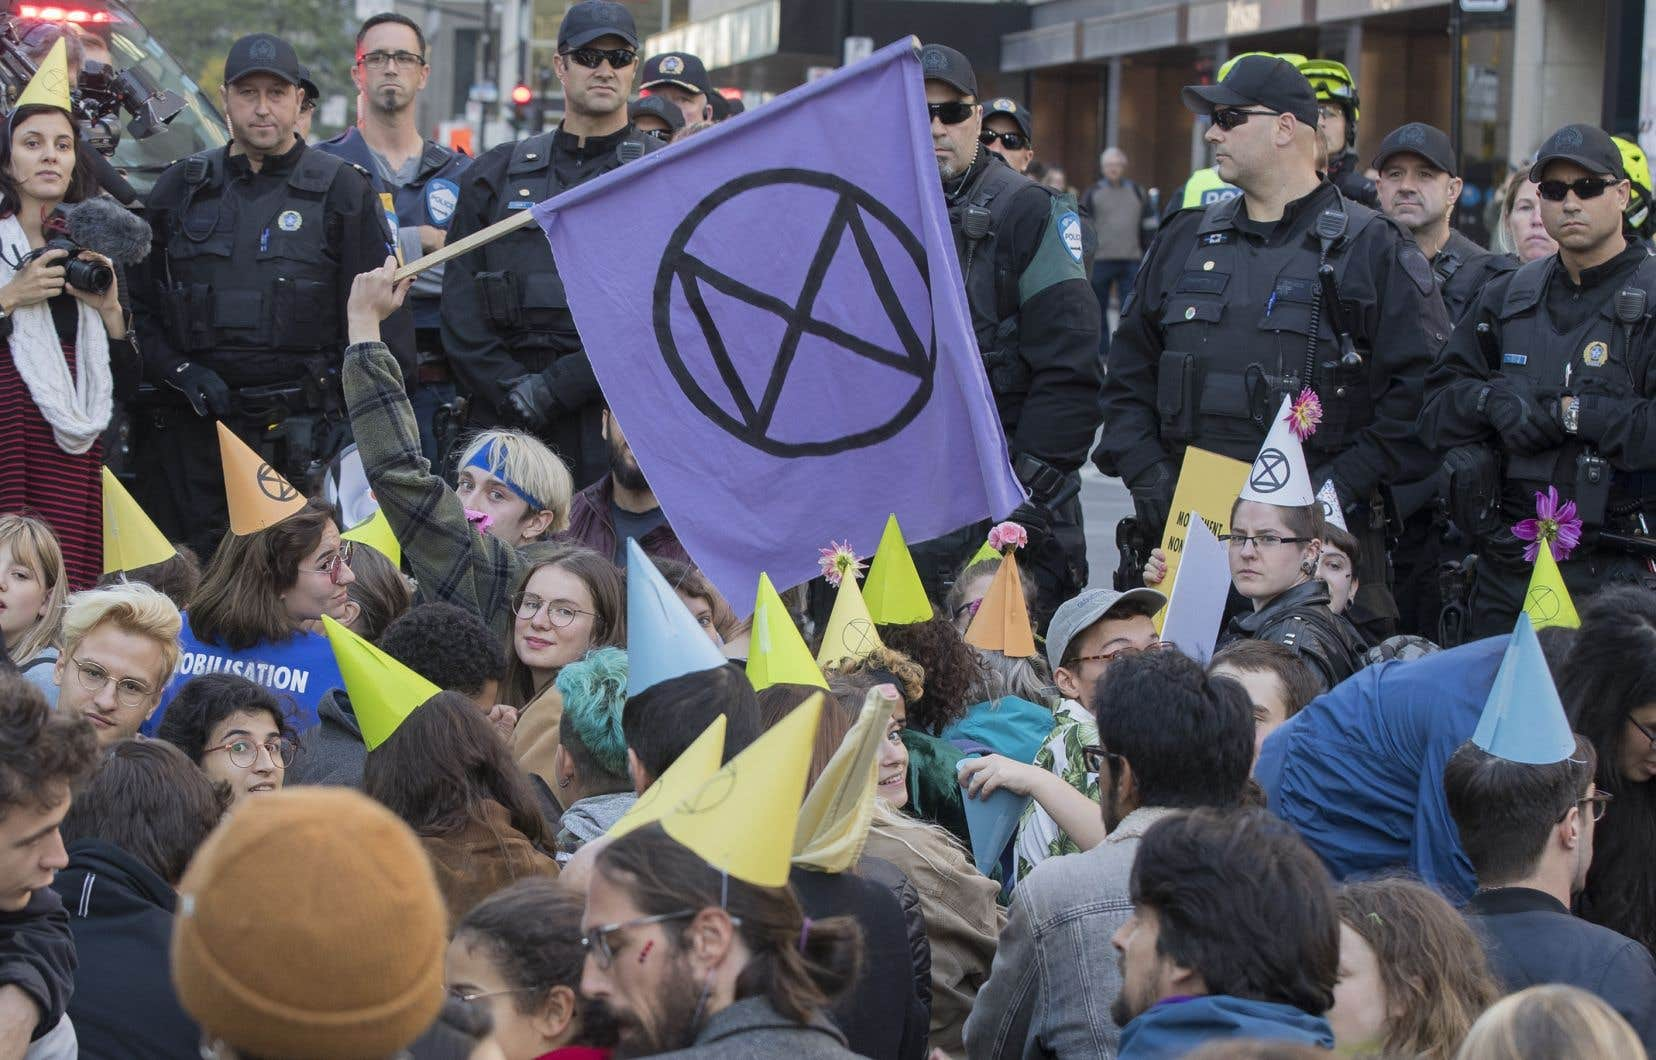 À l'heure de pointe duretour à la maison mardi, les militants du groupe Extinction Rebellion ont paralysé une partie du boulevard René-Lévesque. Ils avaient fait fermer lepont Jacques-Cartier le matin même.